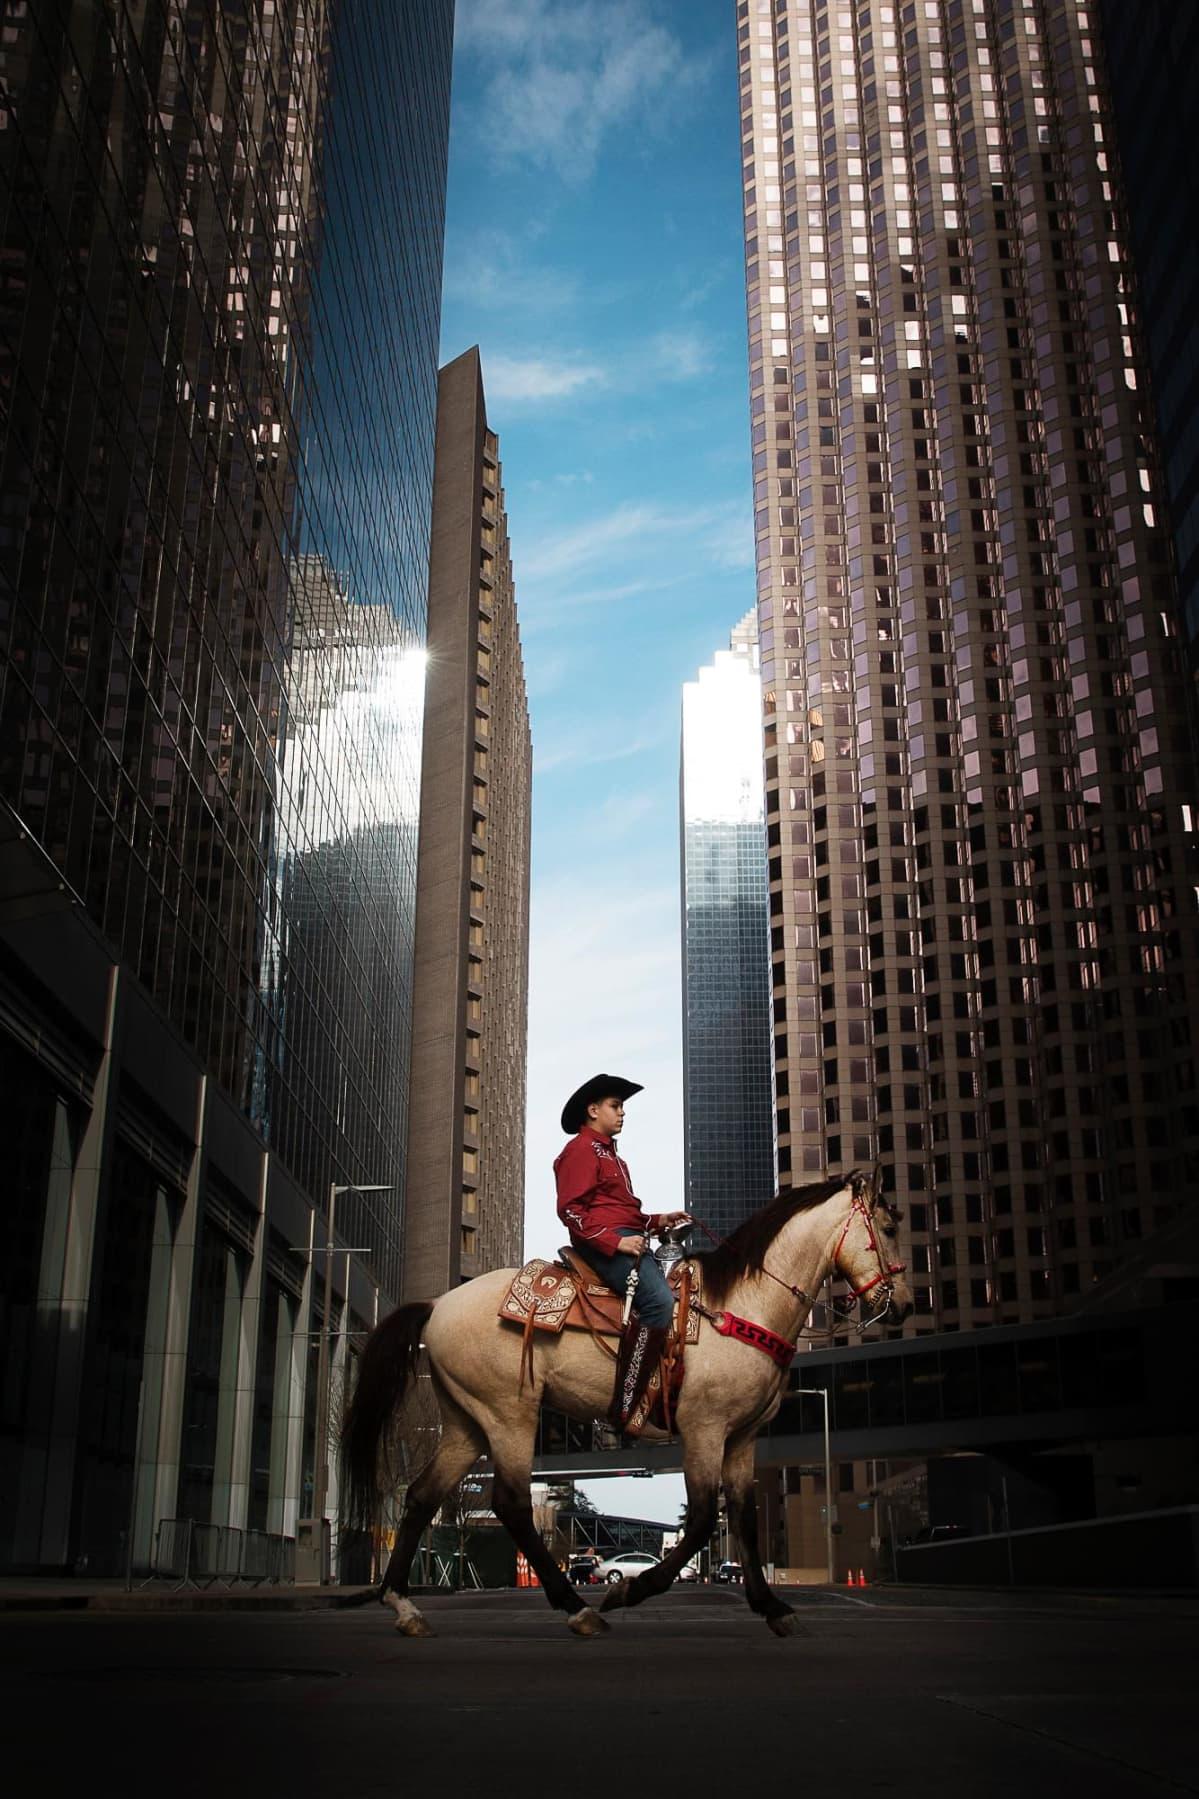 Cowboy ja hevonen kävelyllä kaupungissa.